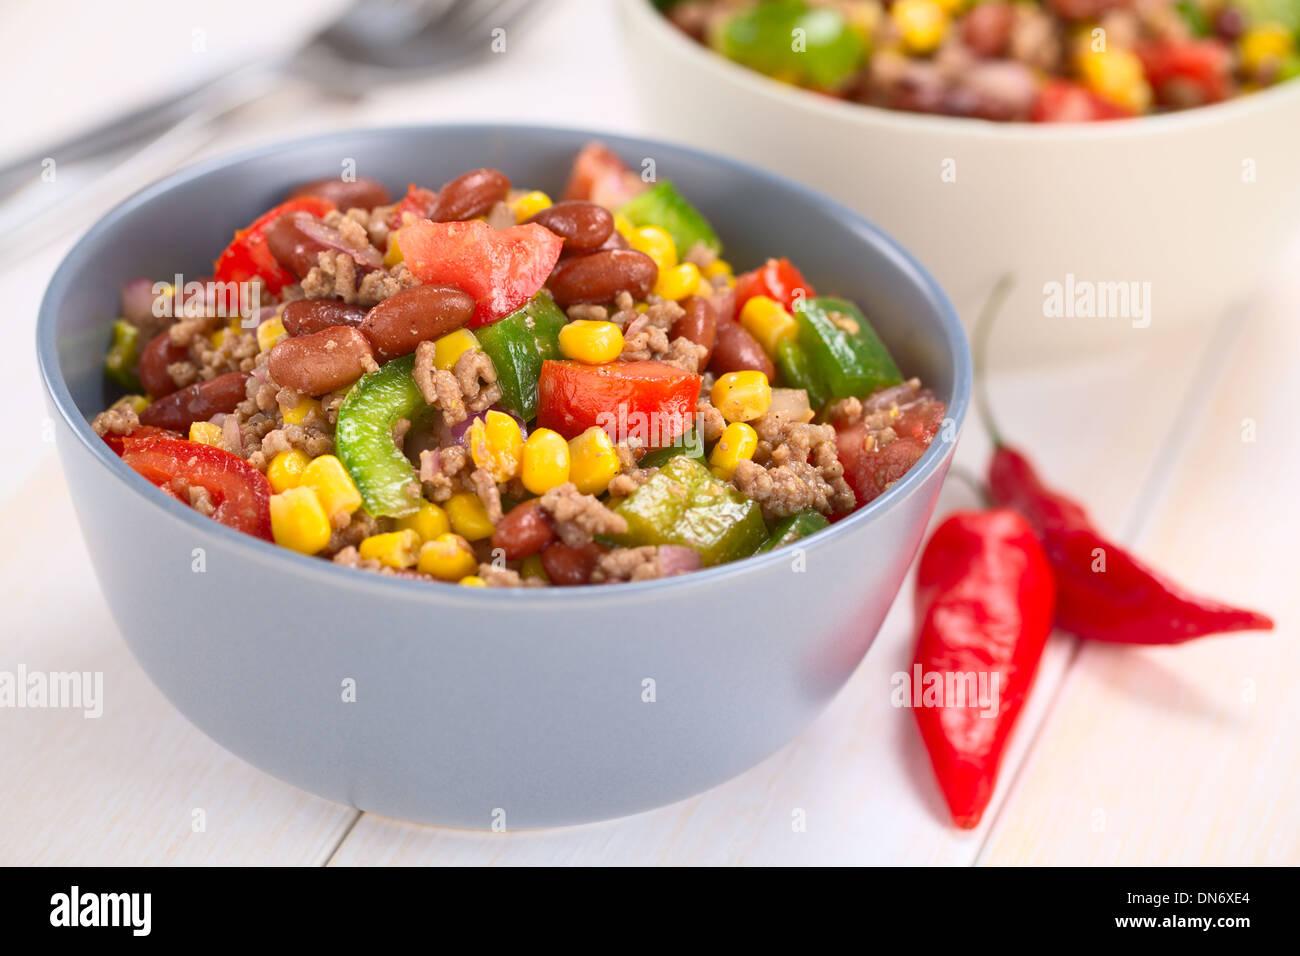 chili con carne salat gemacht von hackfleisch kidney bohnen gr ne paprika tomaten mais und. Black Bedroom Furniture Sets. Home Design Ideas